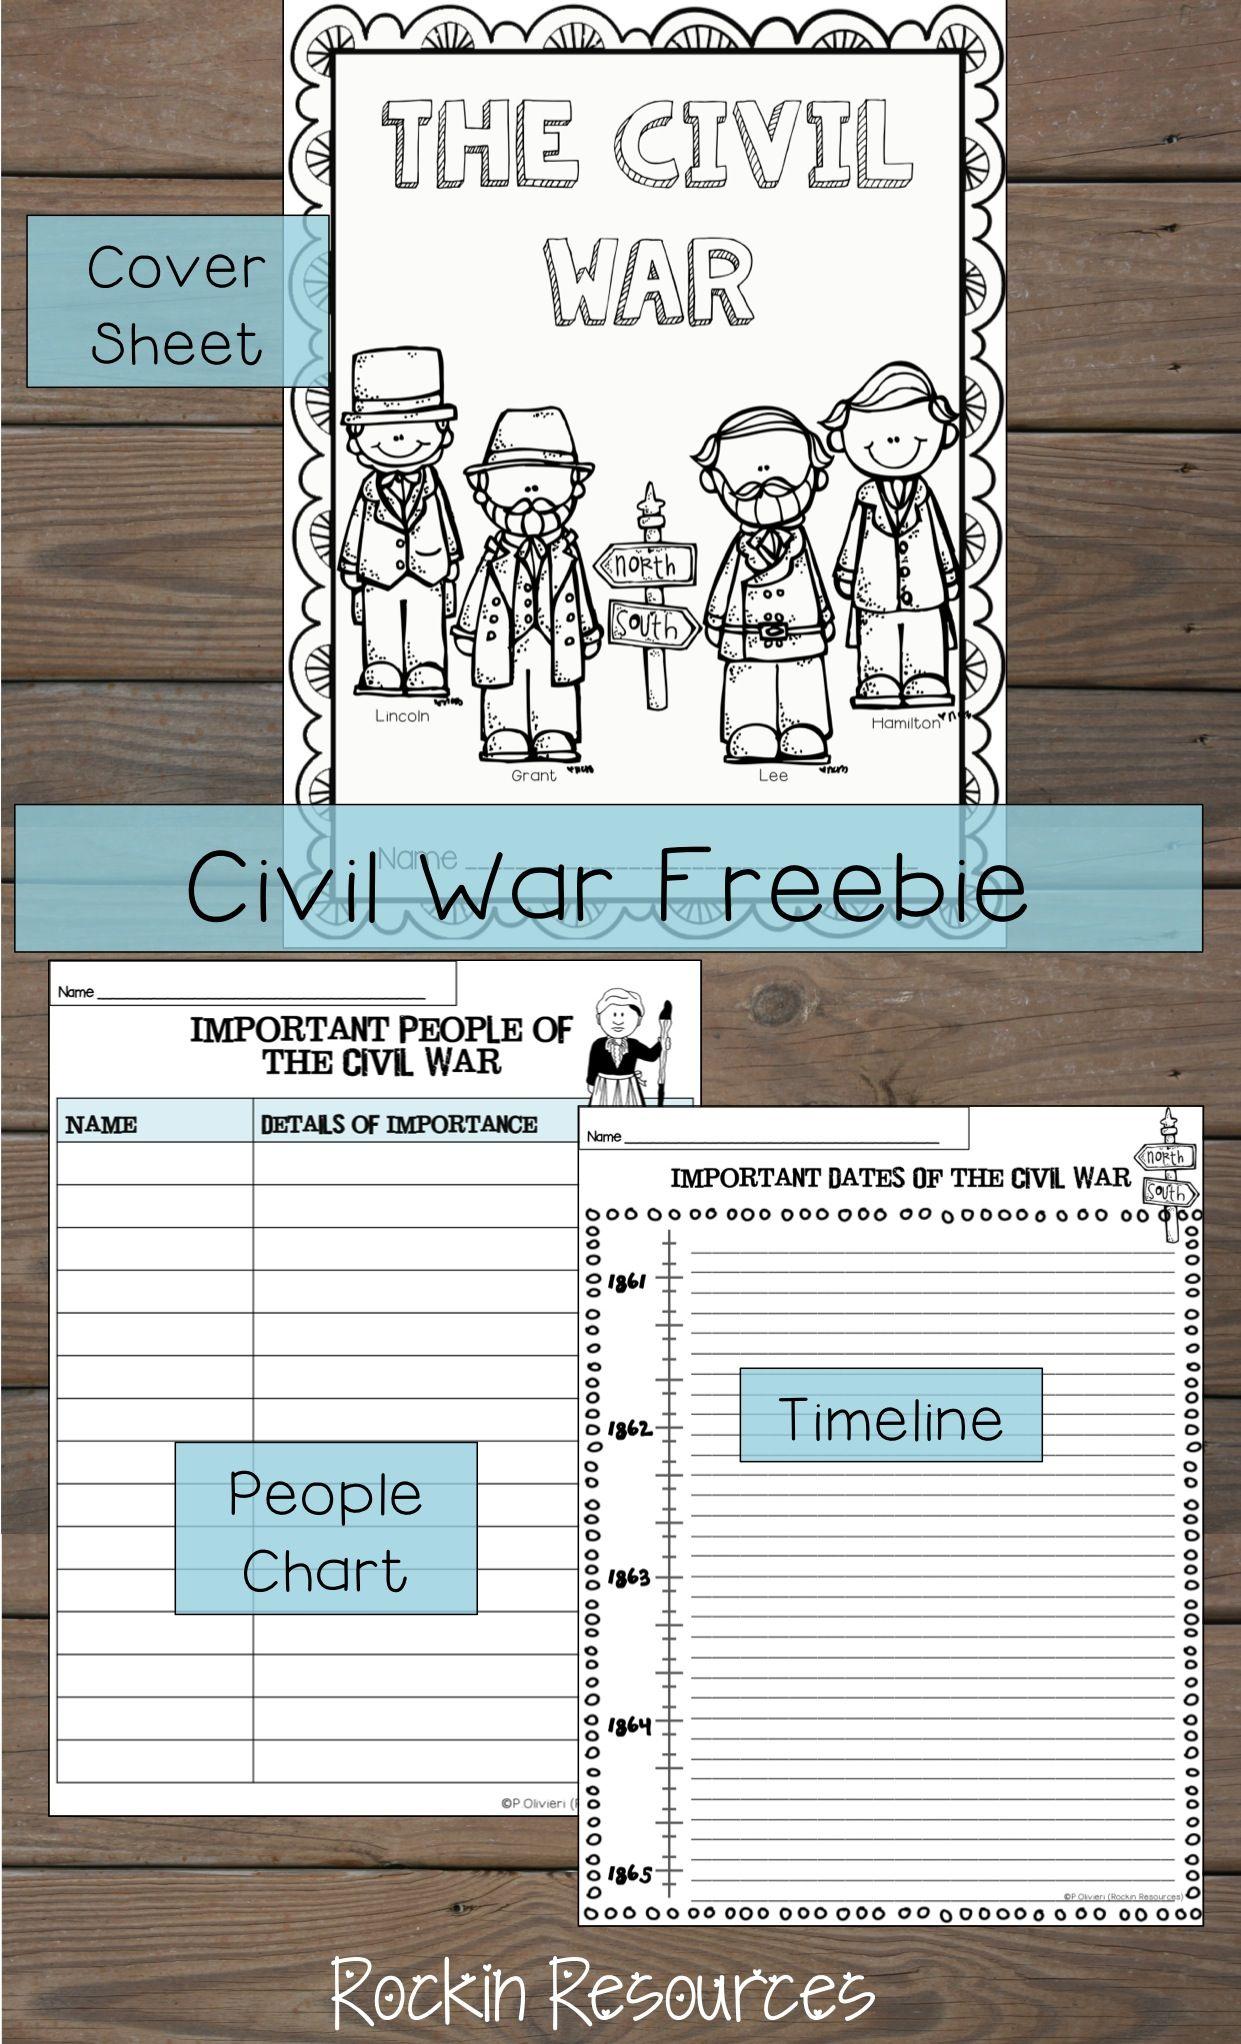 worksheet Civil War Timeline Worksheet civil war free product a cover sheet timeline and important people